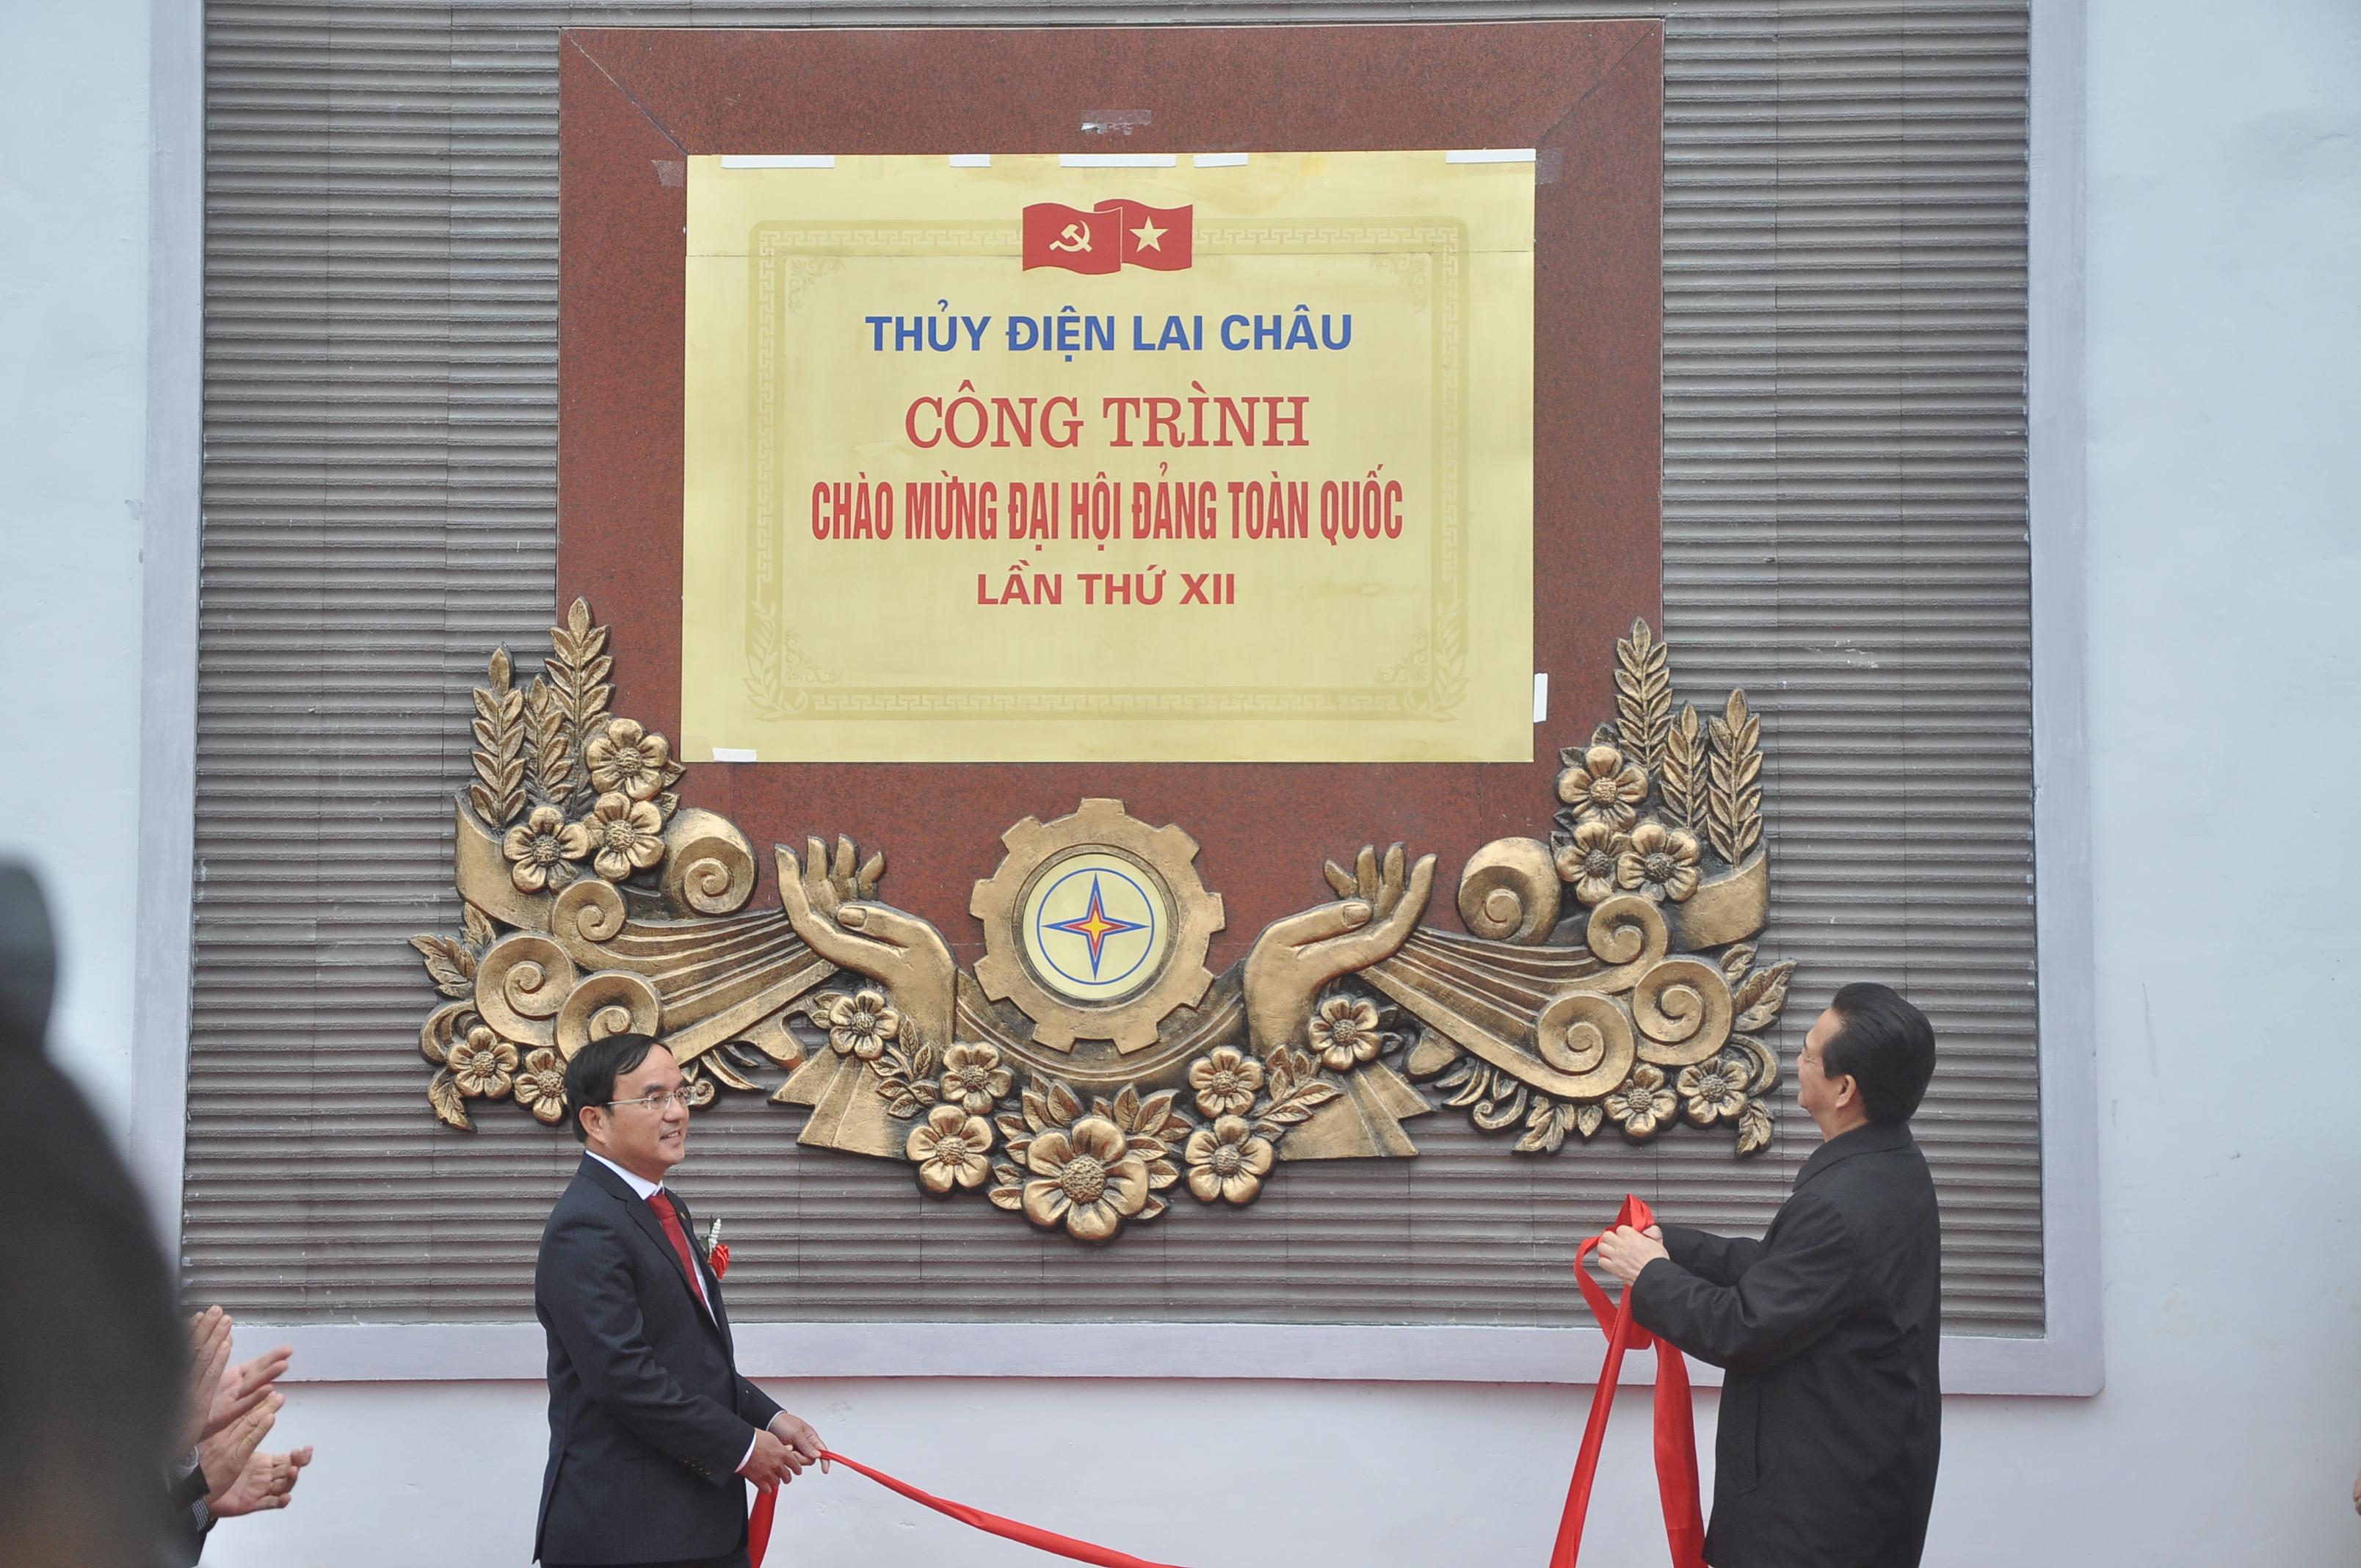 Công trình Nhà máy Thủy điện Lai Châu được gắn biển là công trình Chào mừng Đại hội Đảng toàn quốc lần thứ XII năm sắp tới.